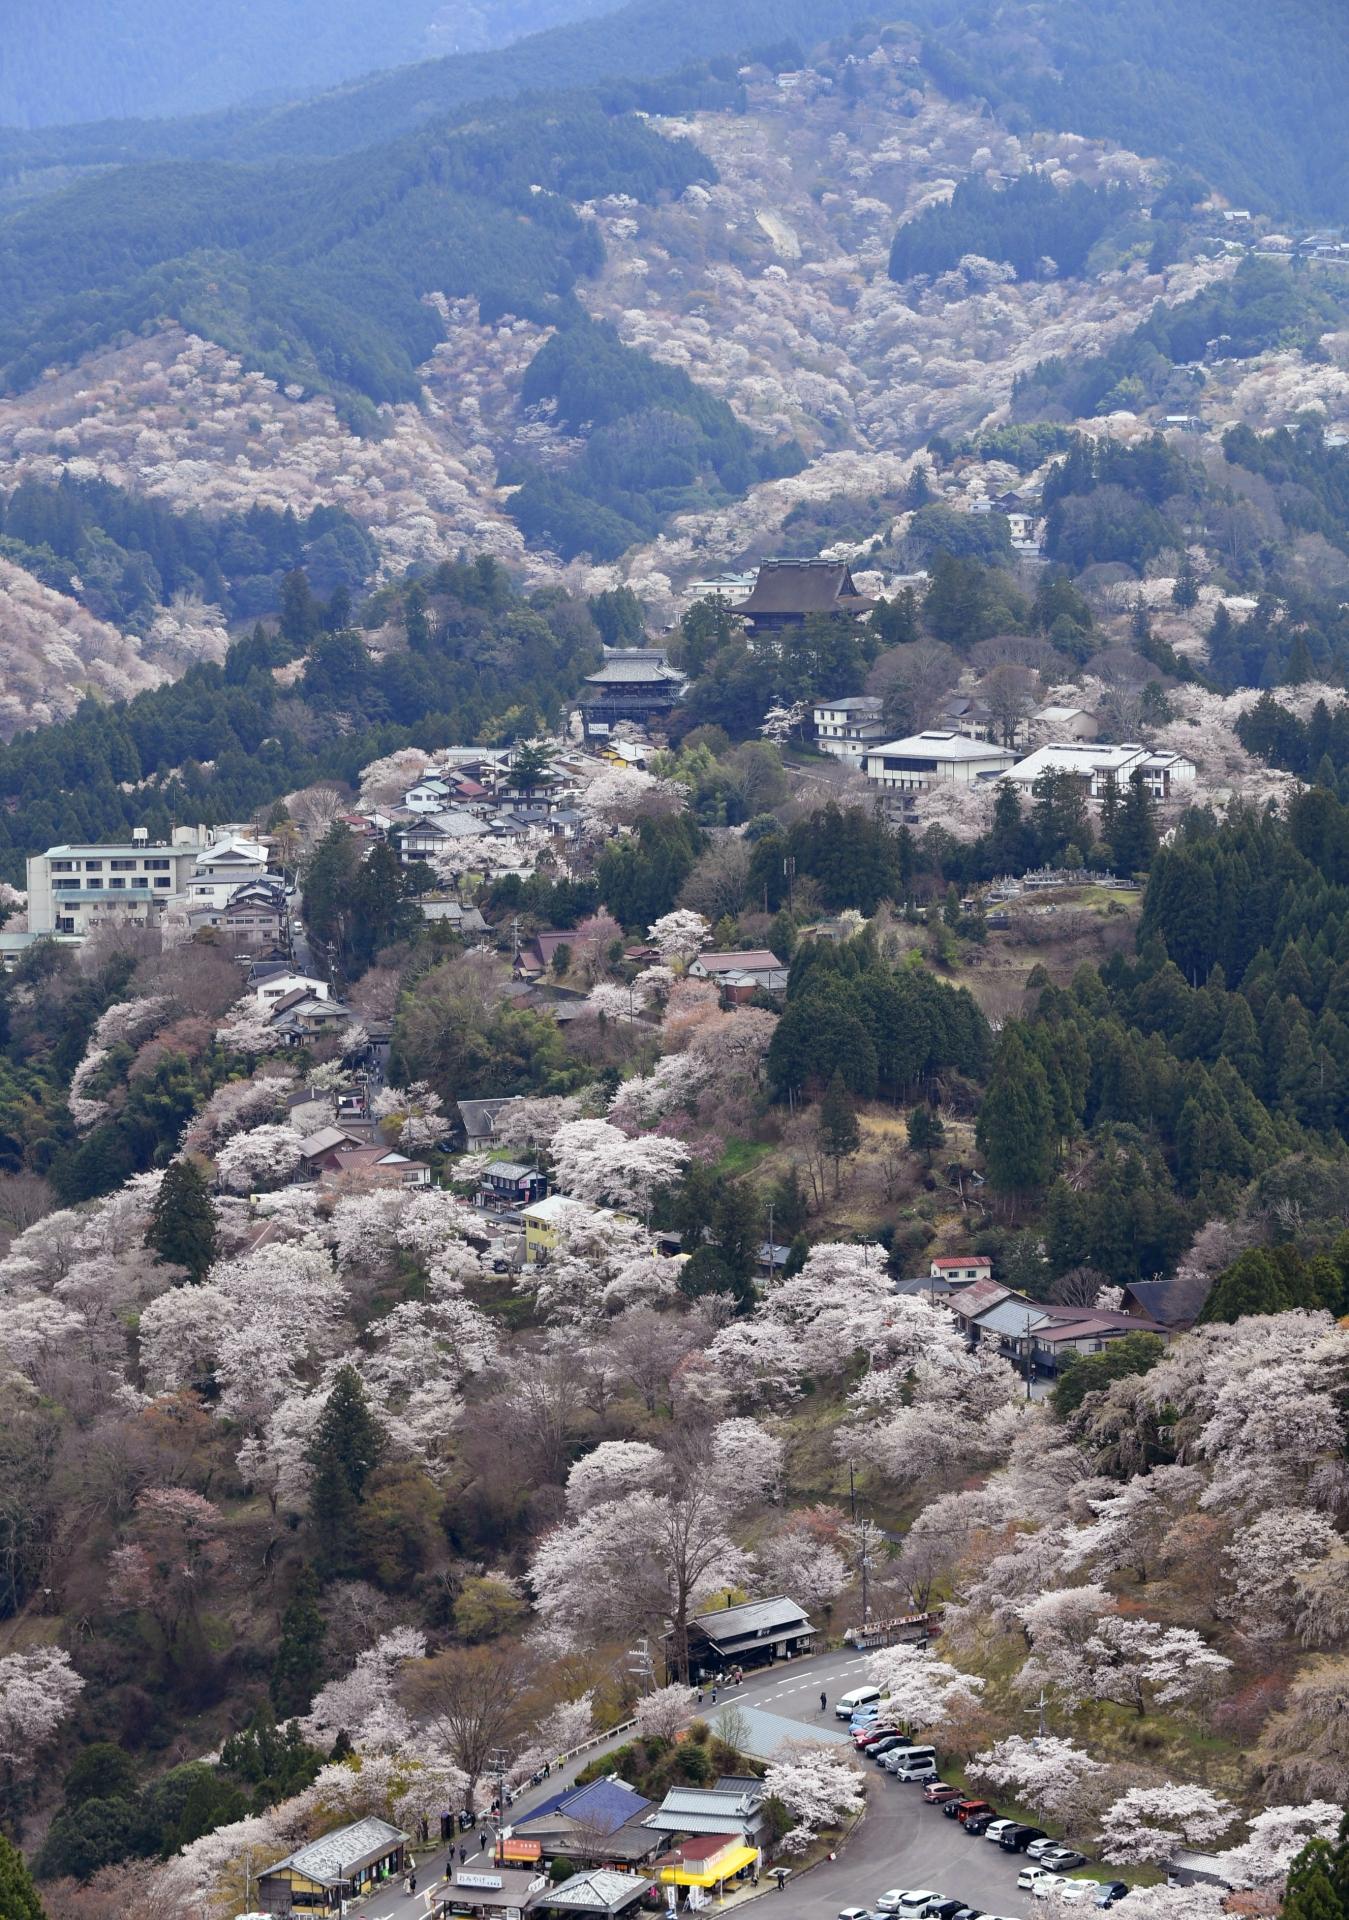 3372372_m 奈良県  吉野山(山が桜に染まる春におすすめの絶景スポット! 写真の紹介、アクセス情報や駐車場情報など)